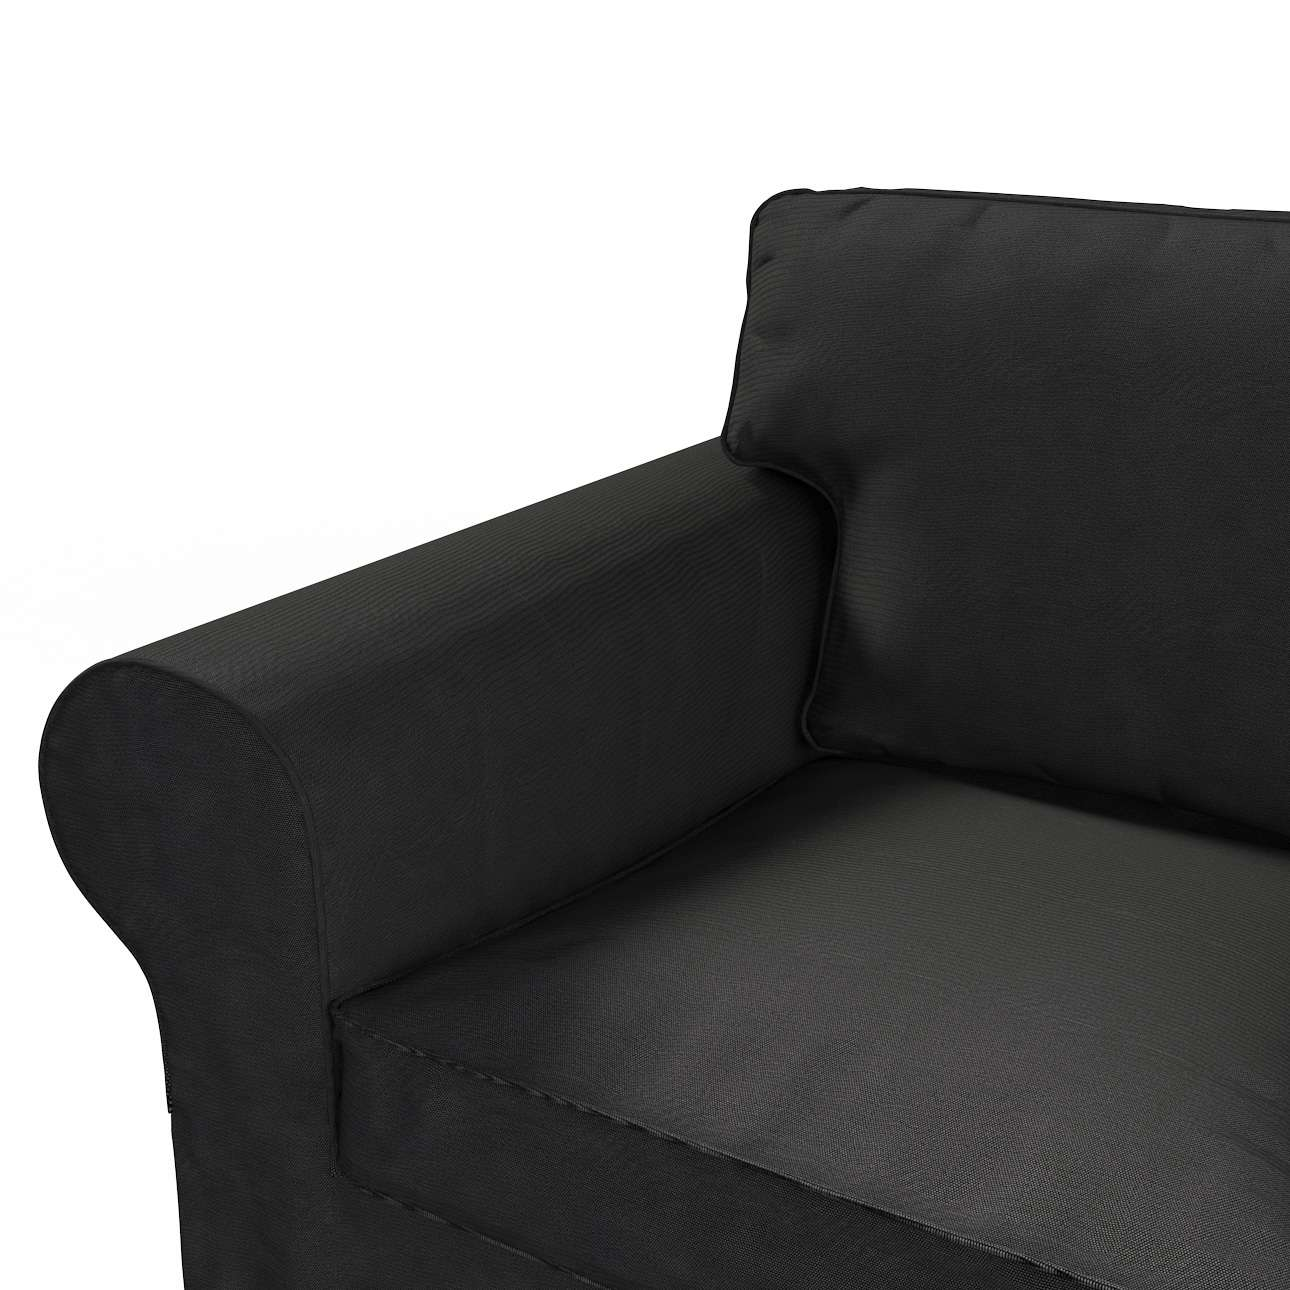 Pokrowiec na sofę Ektorp 2-osobową rozkładaną, model po 2012 w kolekcji Etna, tkanina: 705-00